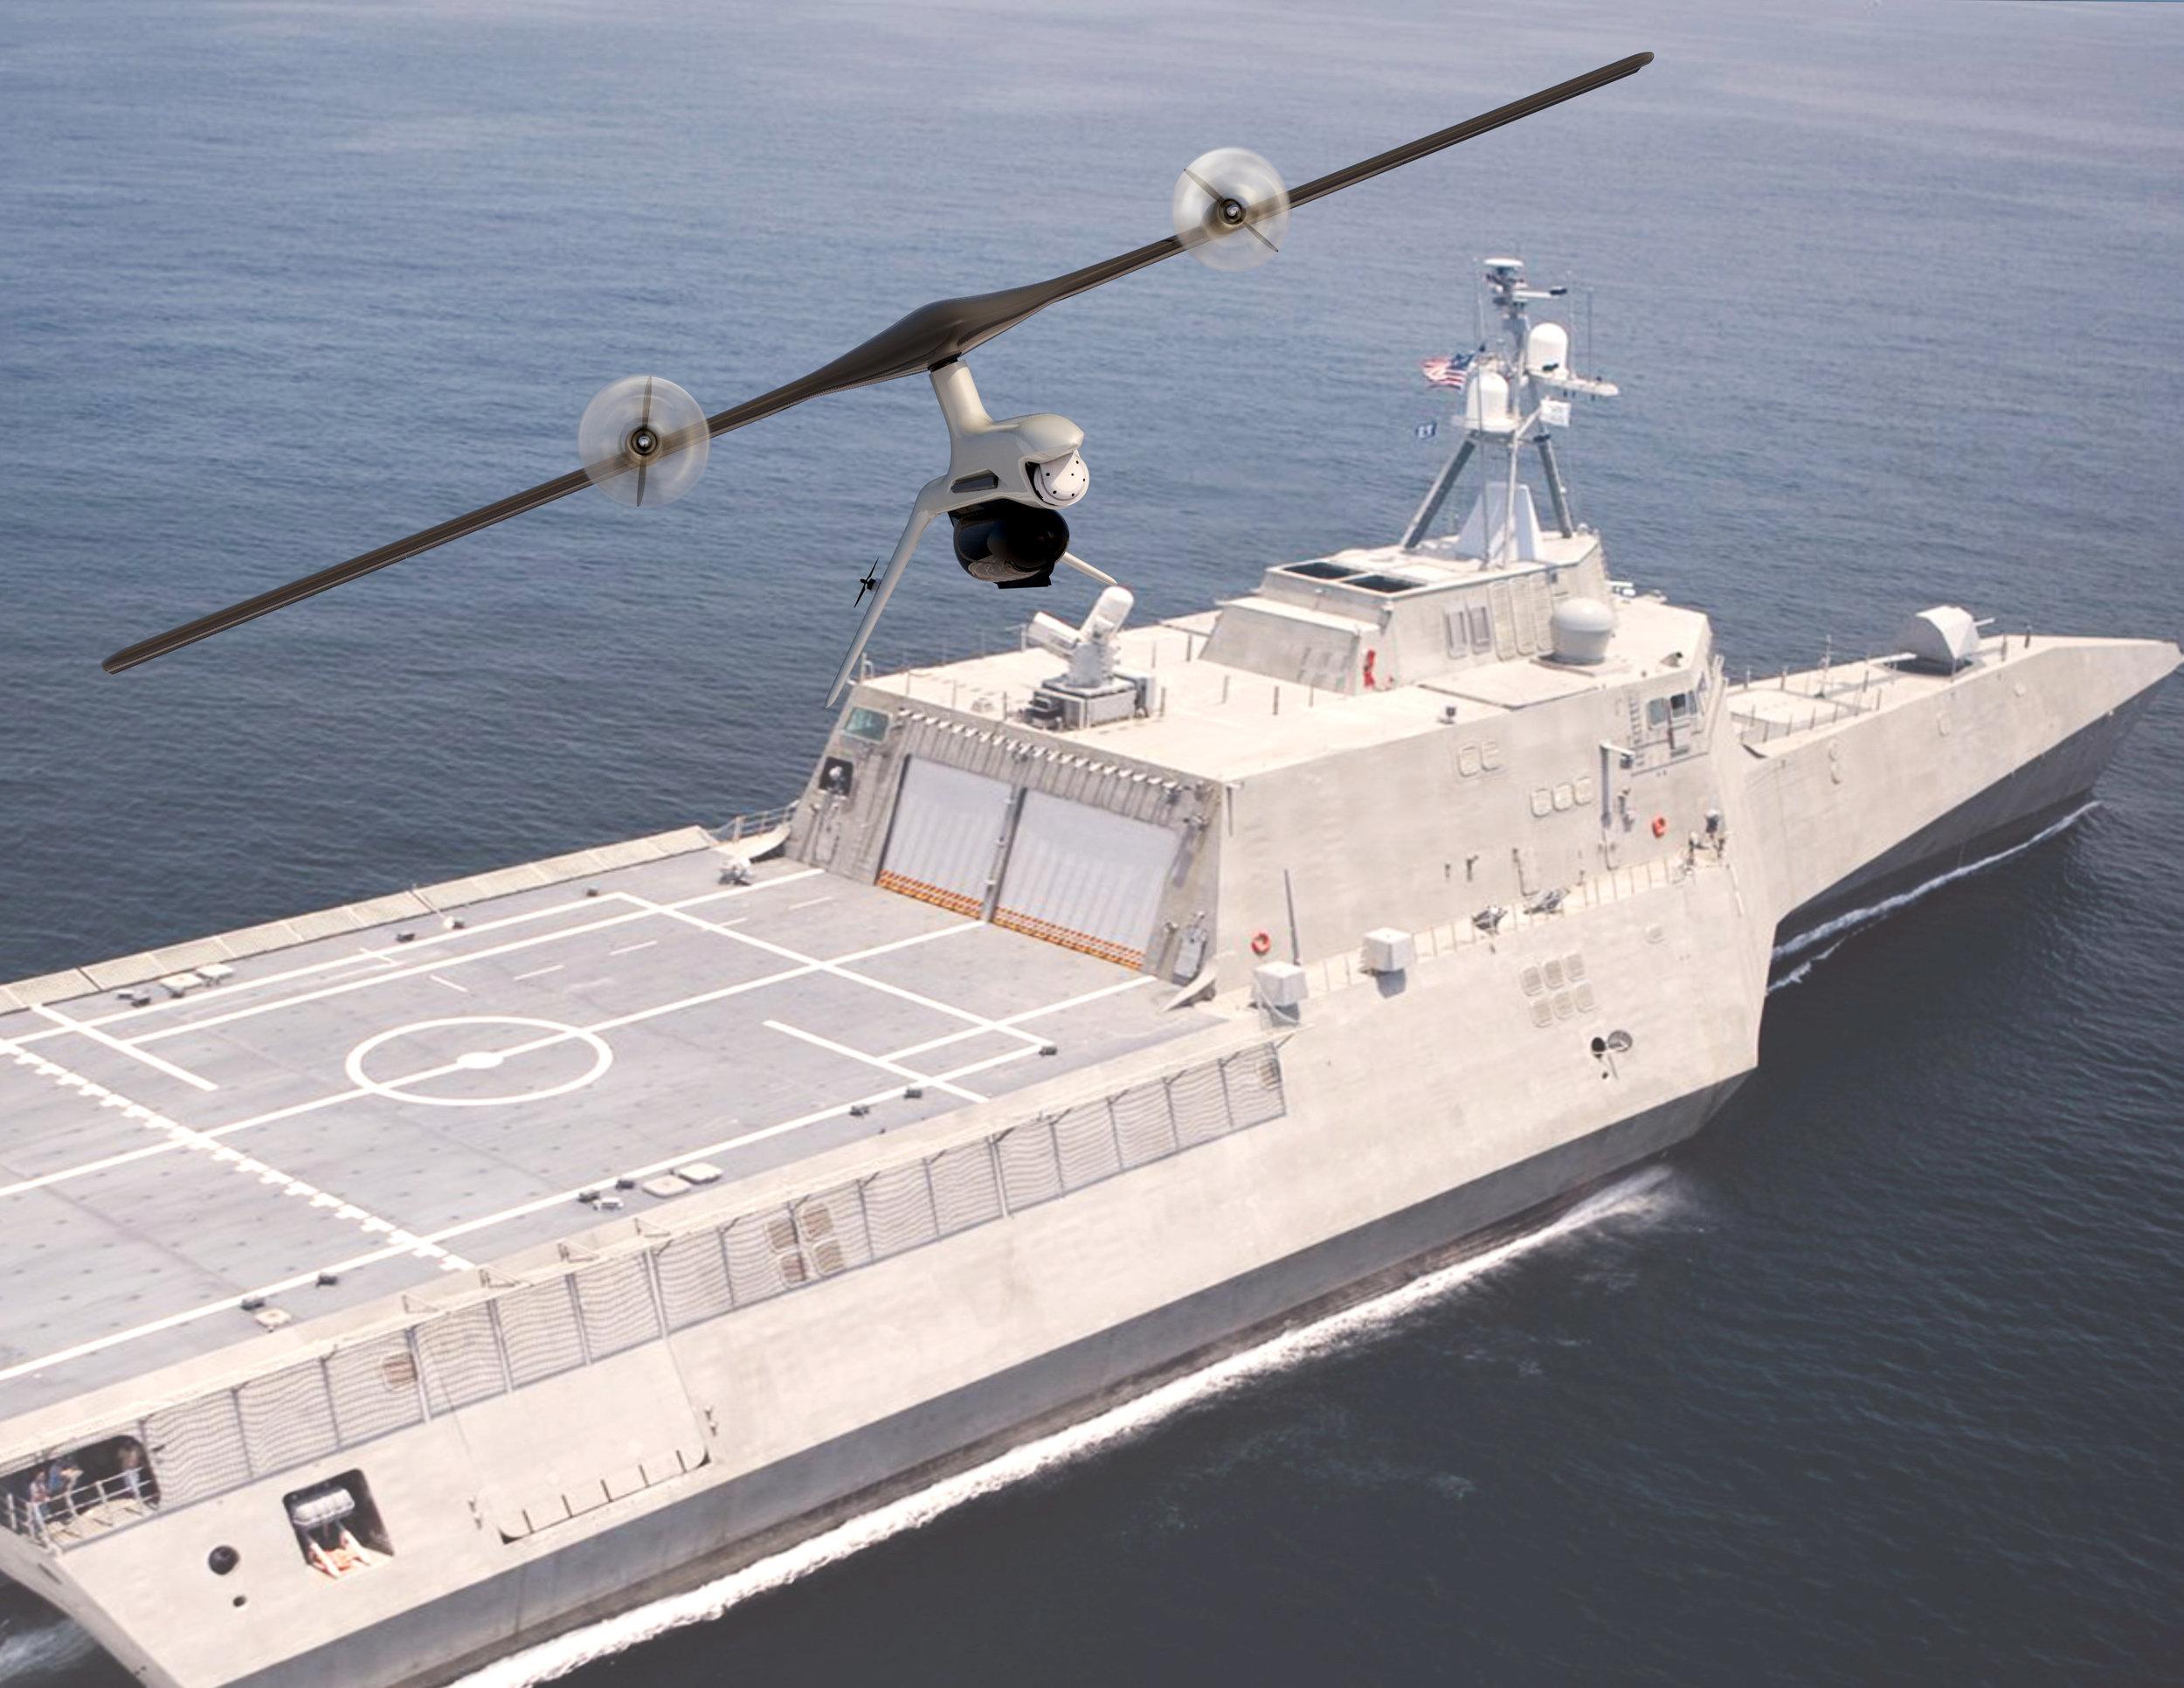 RTW-plate-military-navyship-v2-EDITS.jpg